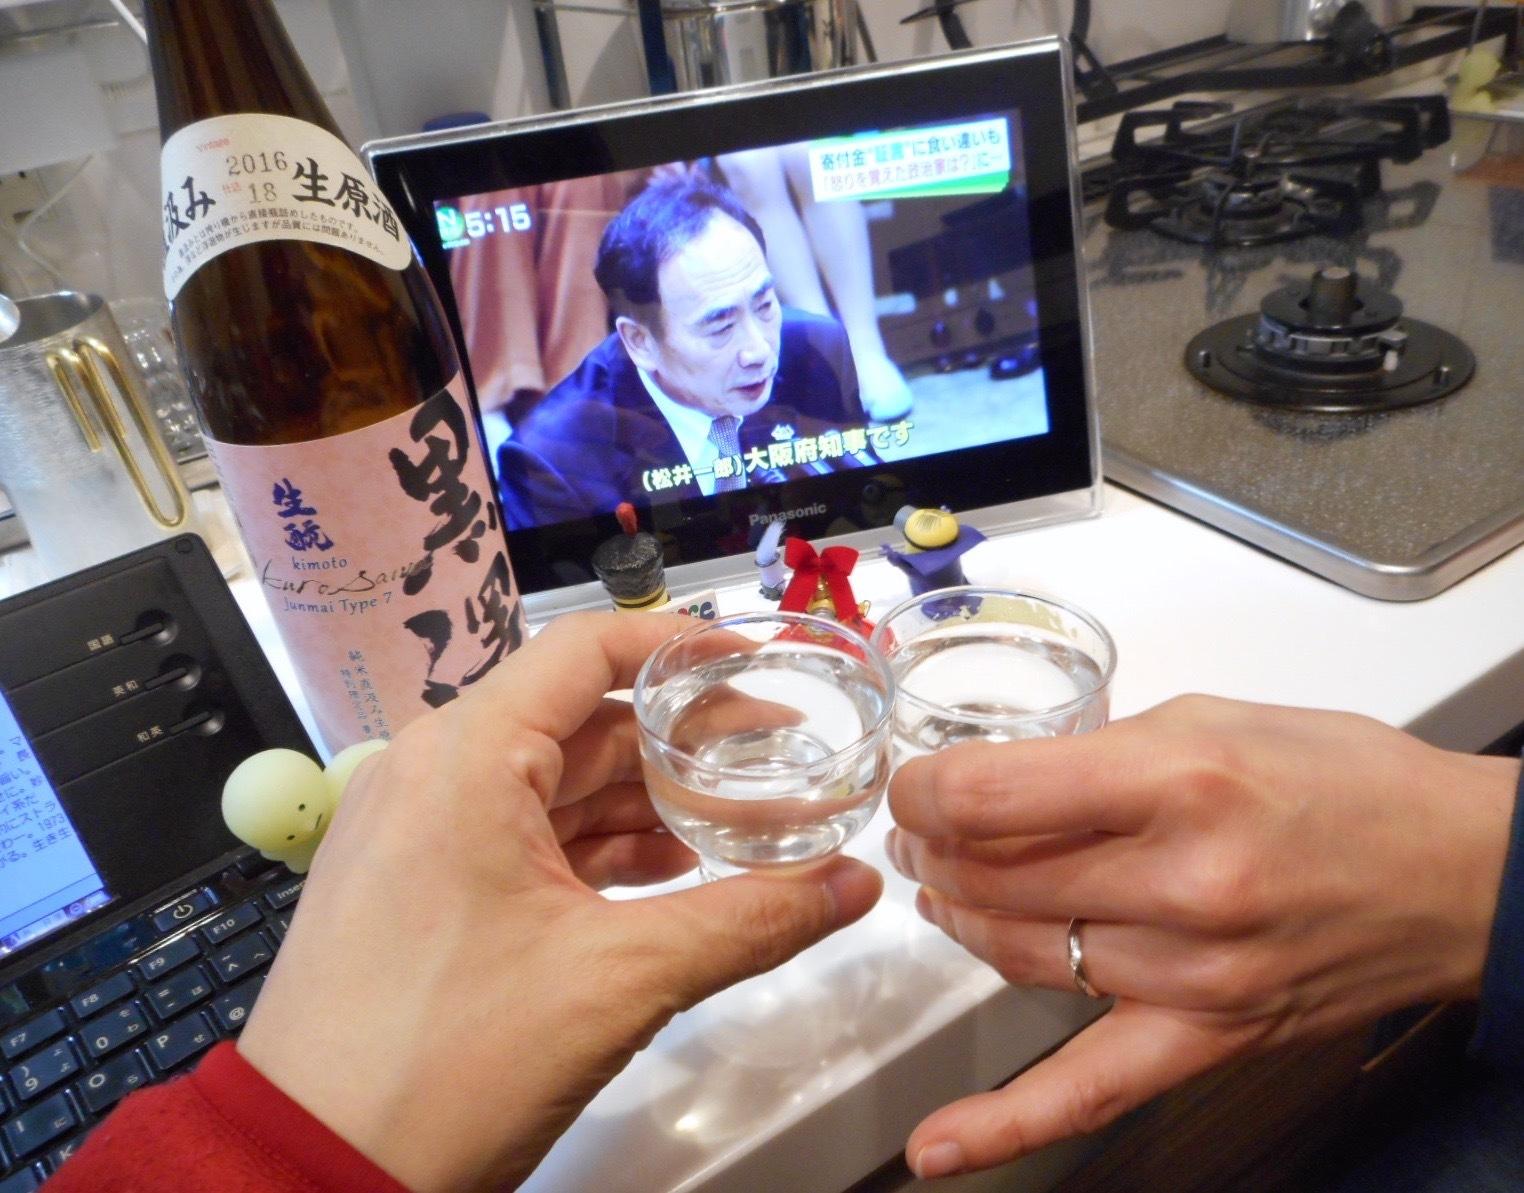 kurosawa_type7_28by10.jpg